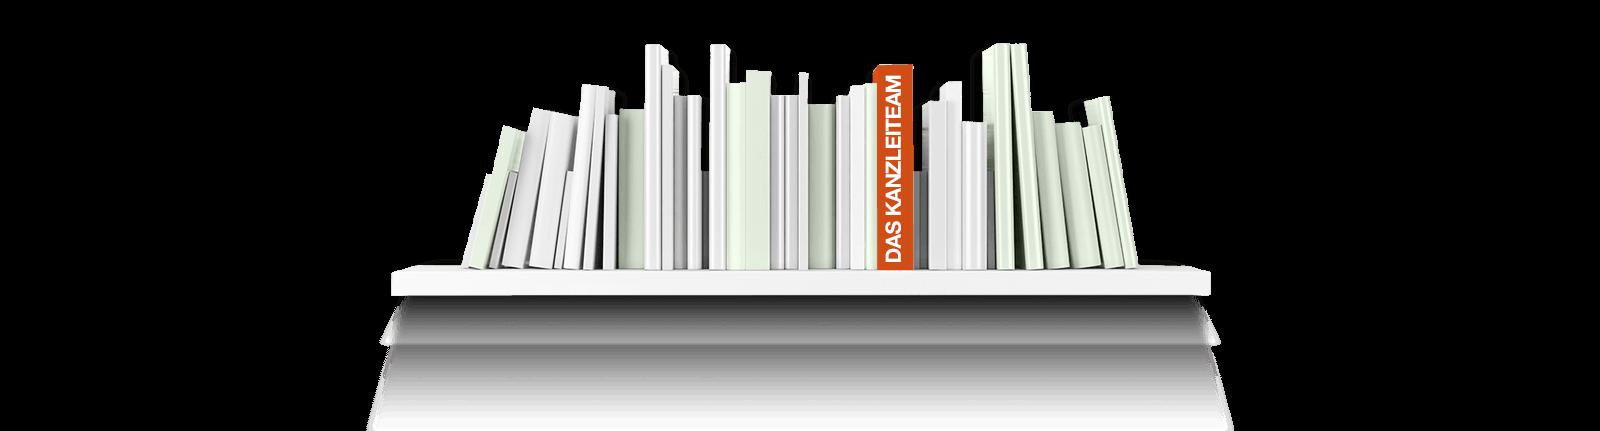 Bild zeigt ein Bücherregal mit einem Buch zum Thema Kanzleiteam